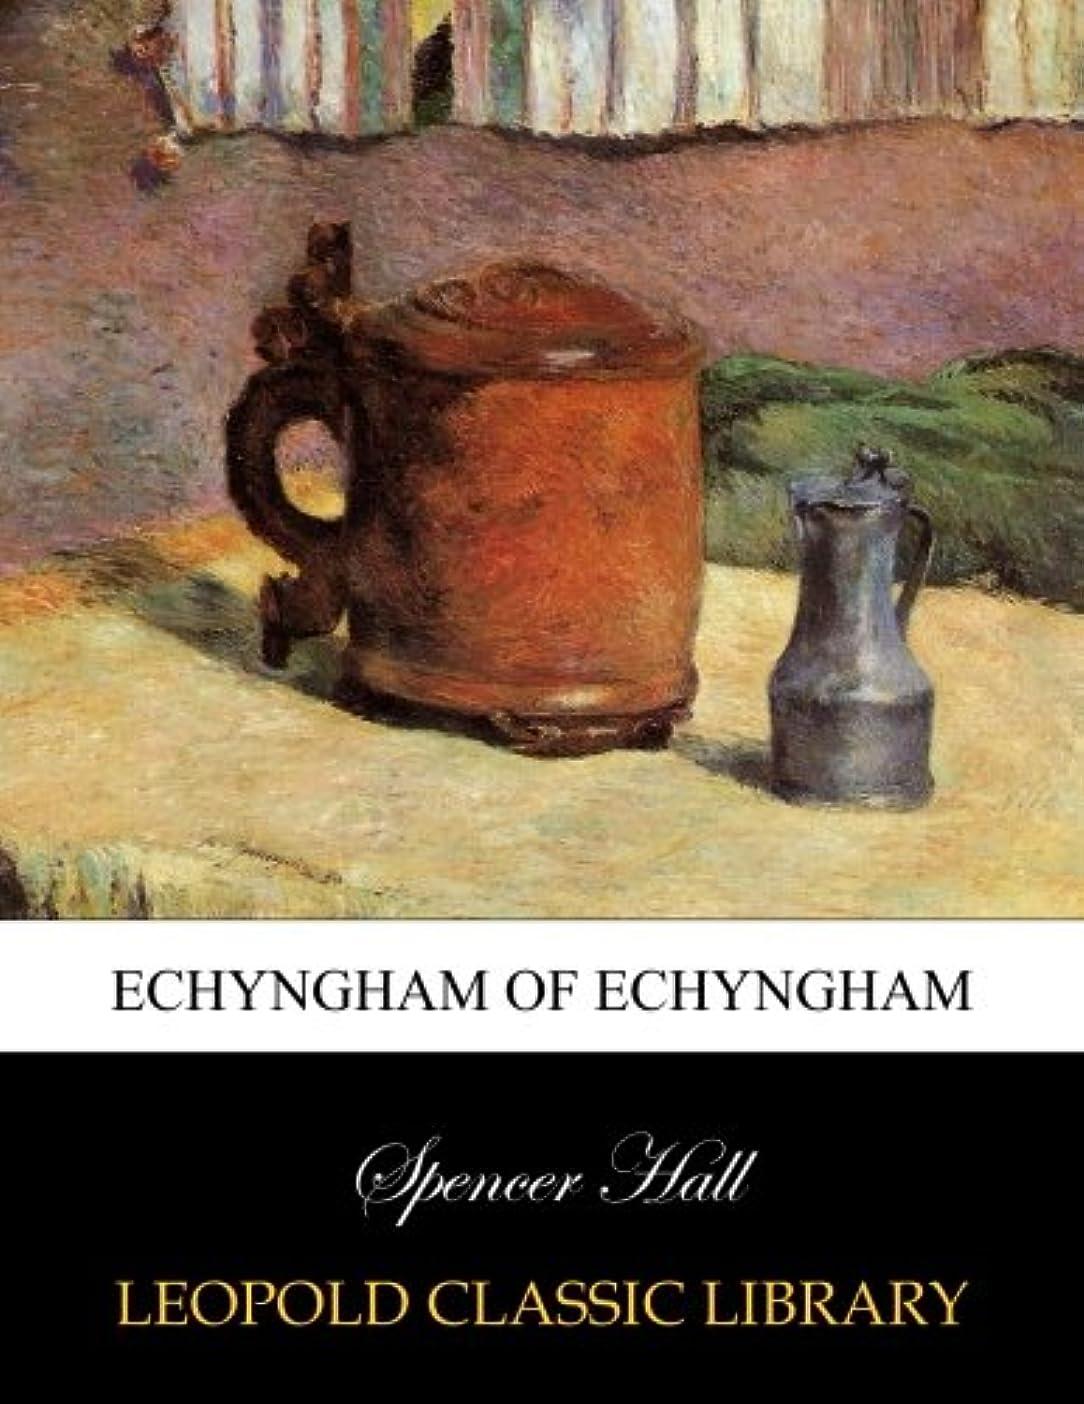 審判ゲートウェイ喜劇Echyngham of Echyngham